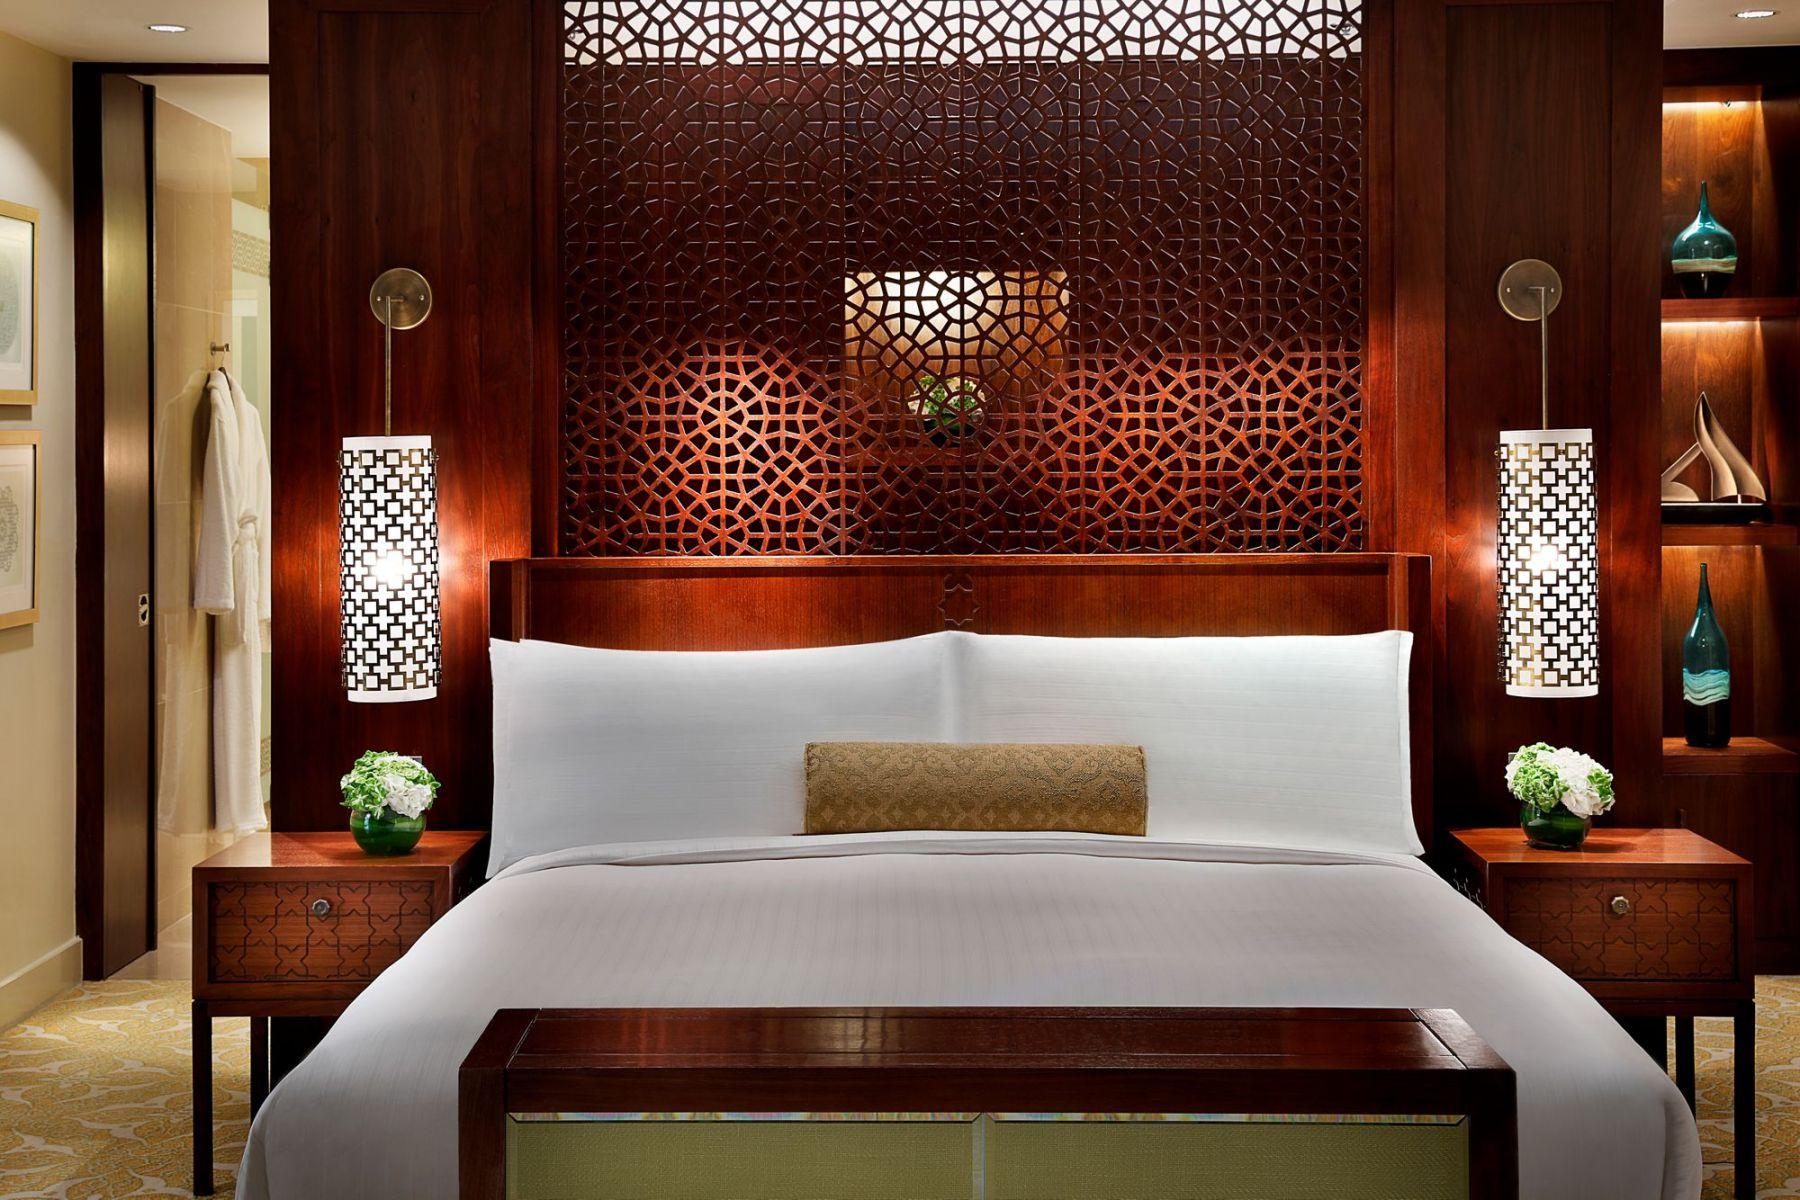 dxbrz-bedroom-50649372